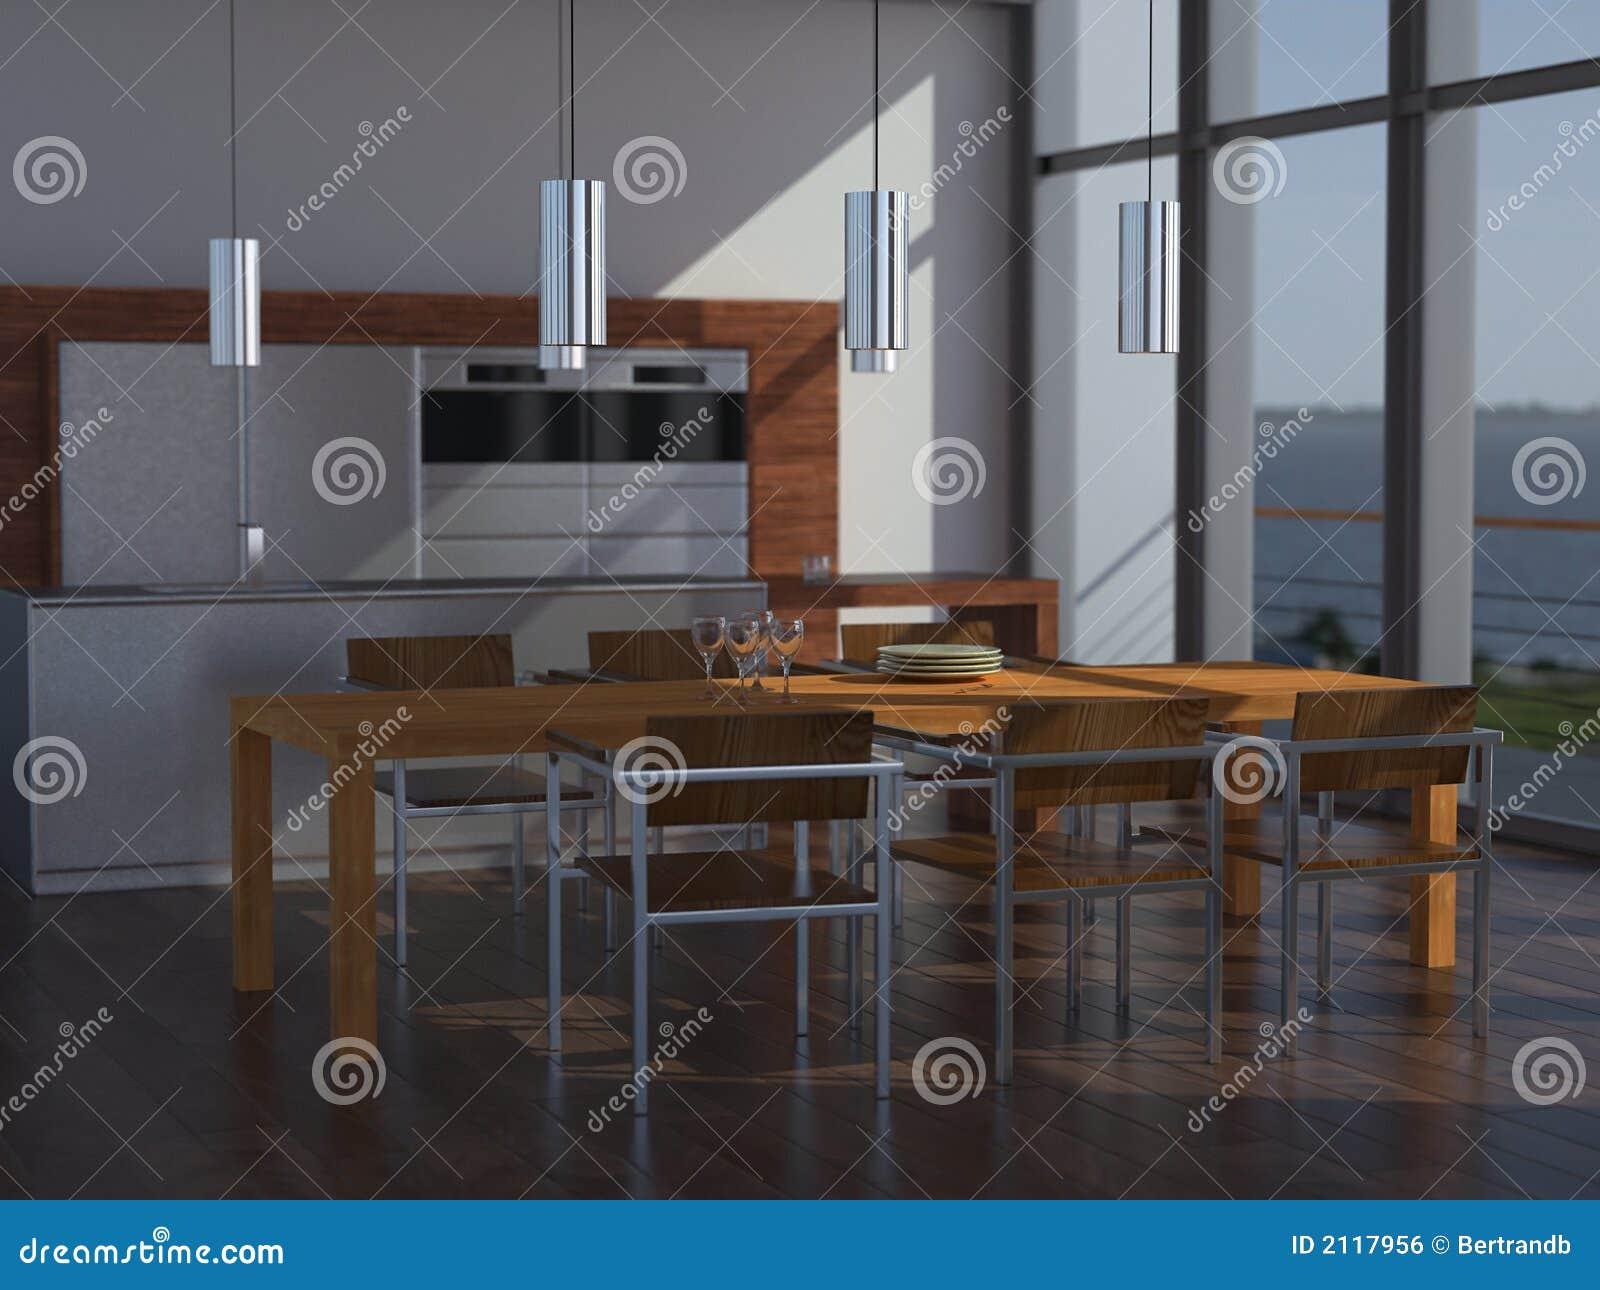 Cozinha E Sala De Jantar Luxuosas Imagem de Stock Royalty Free  #88613E 1300 1065